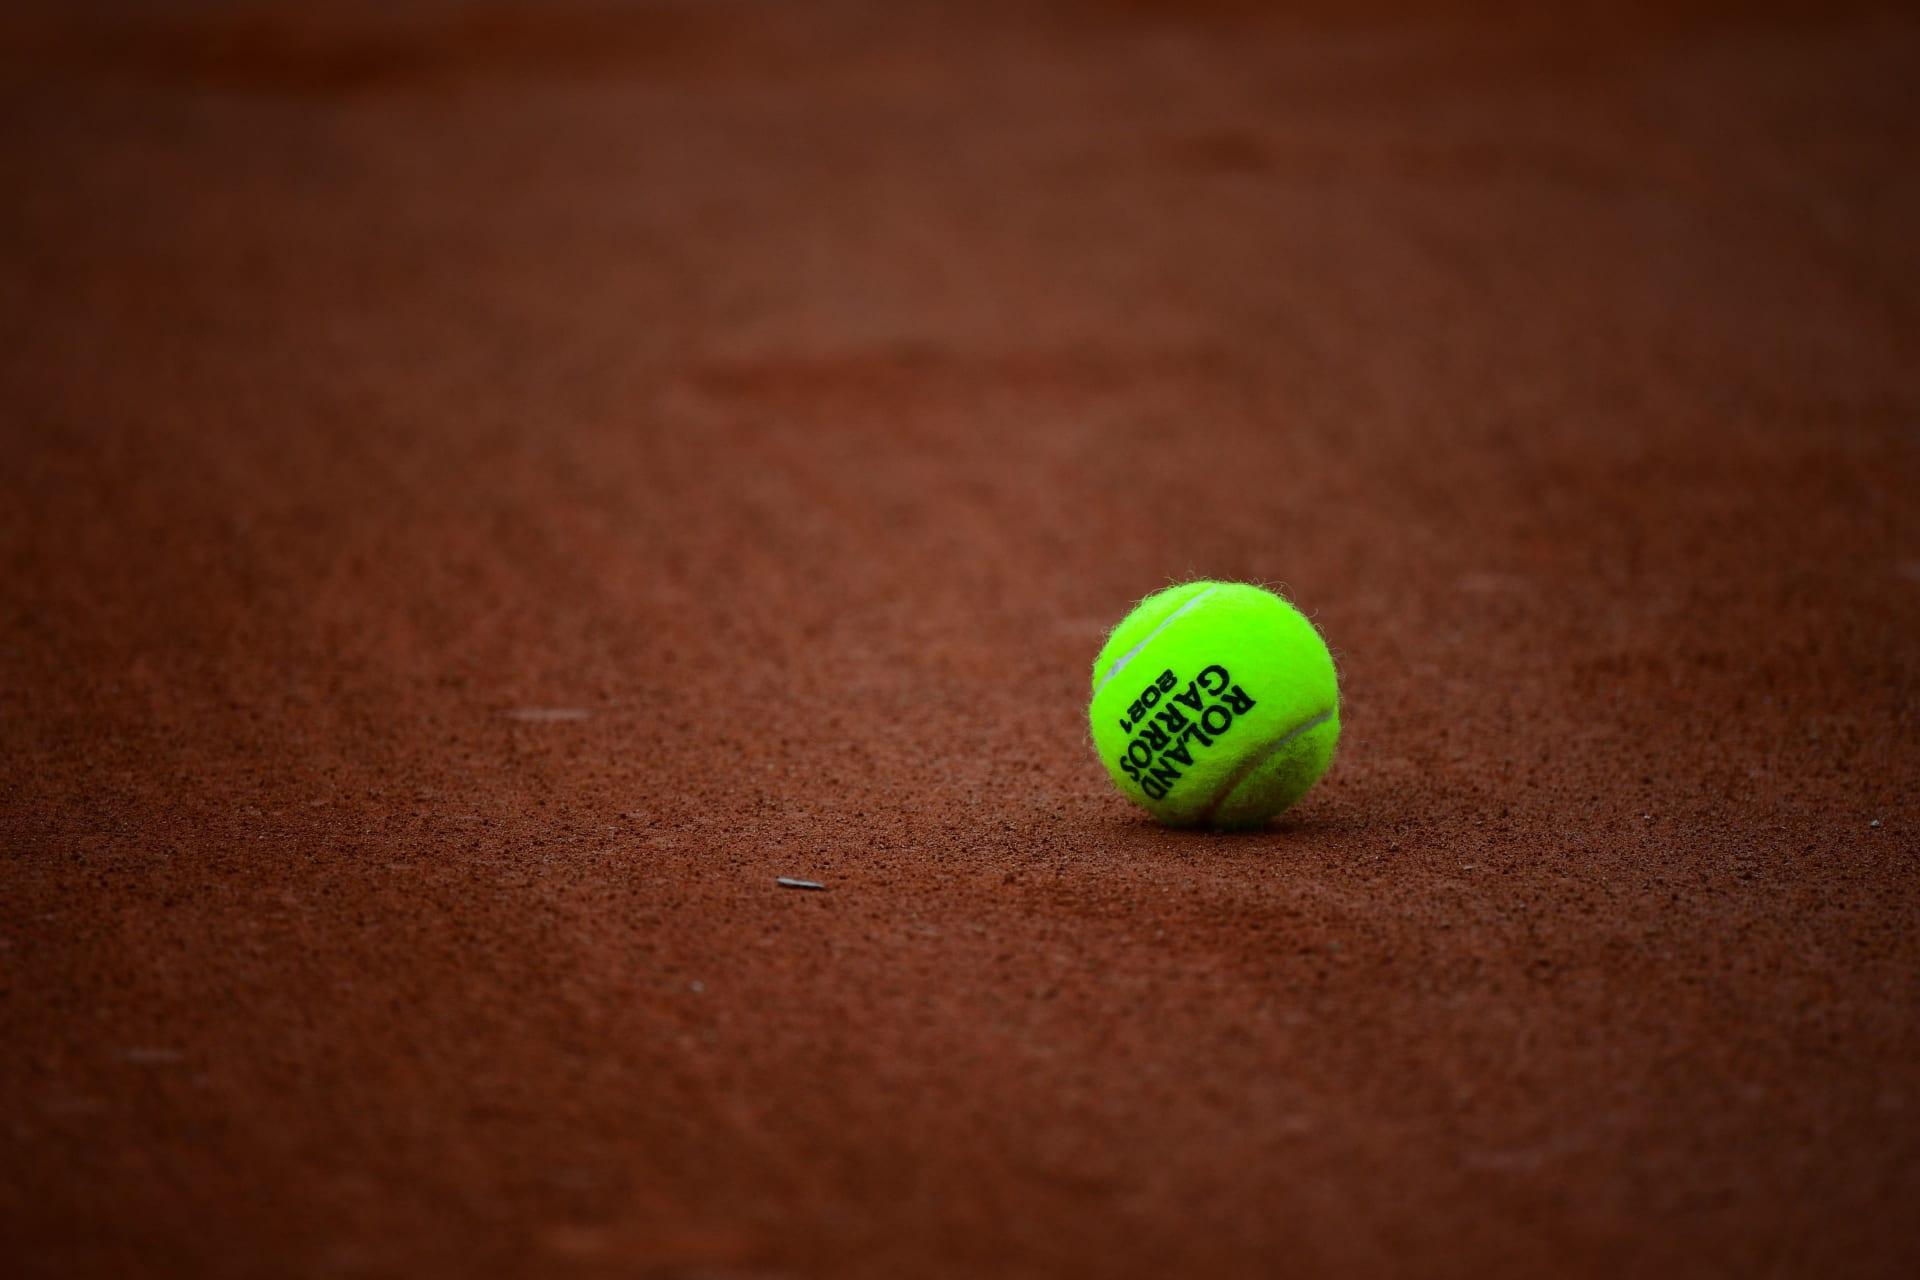 صورة للكرة الرسمية لبطولة التنس المفتوحة الفرنسية 2021 على سطح الملعب في اليوم السادس من بطولة فرنسا المفتوحة للتنس رولان جاروس 2021 في باريس في 4 يونيو